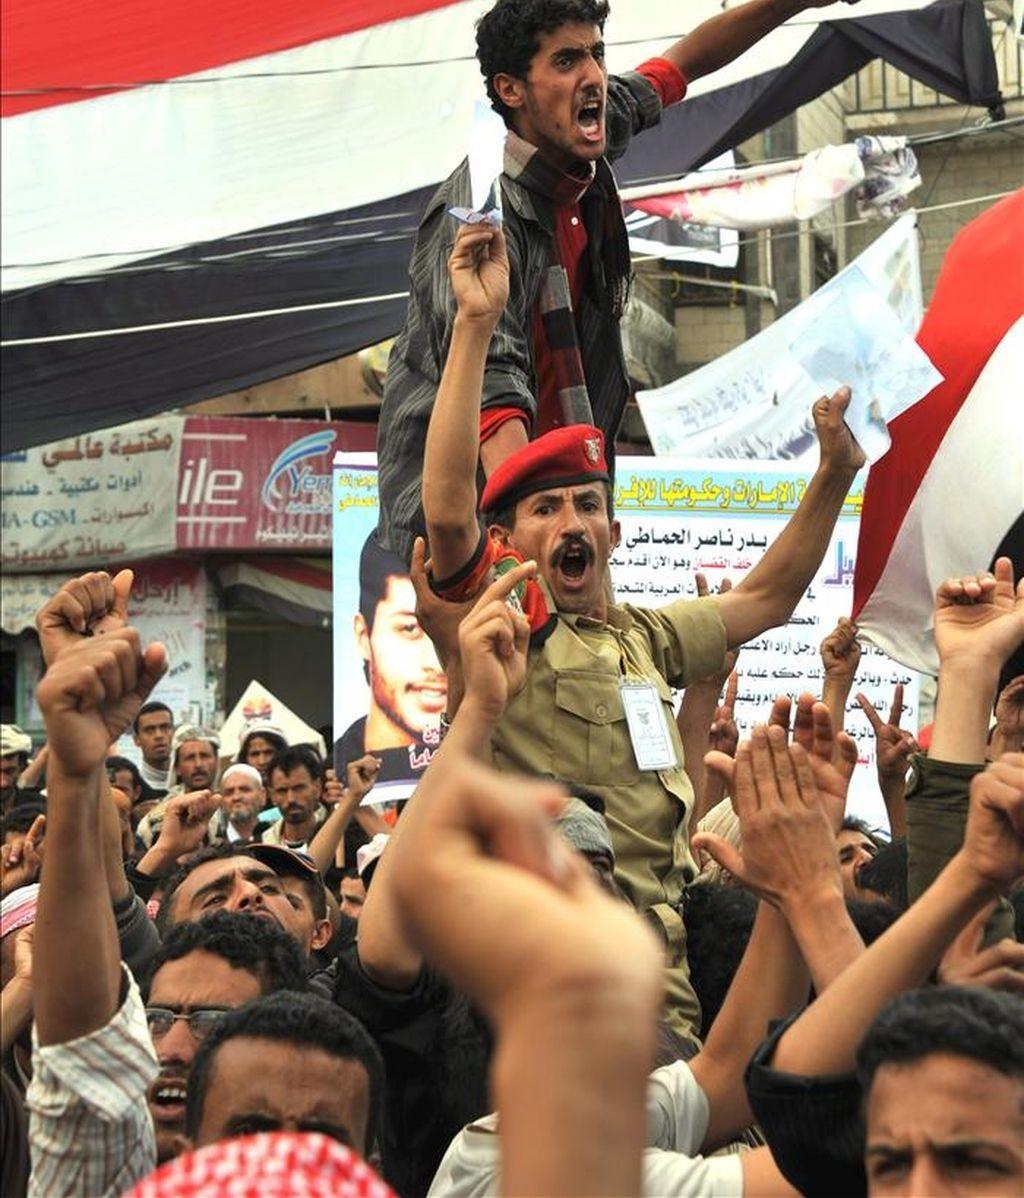 Manifestantes antigubernamentales participan en una protesta contra el presidente yemení, Ali Abdalá Saleh, en Saná, Yemen. EFE